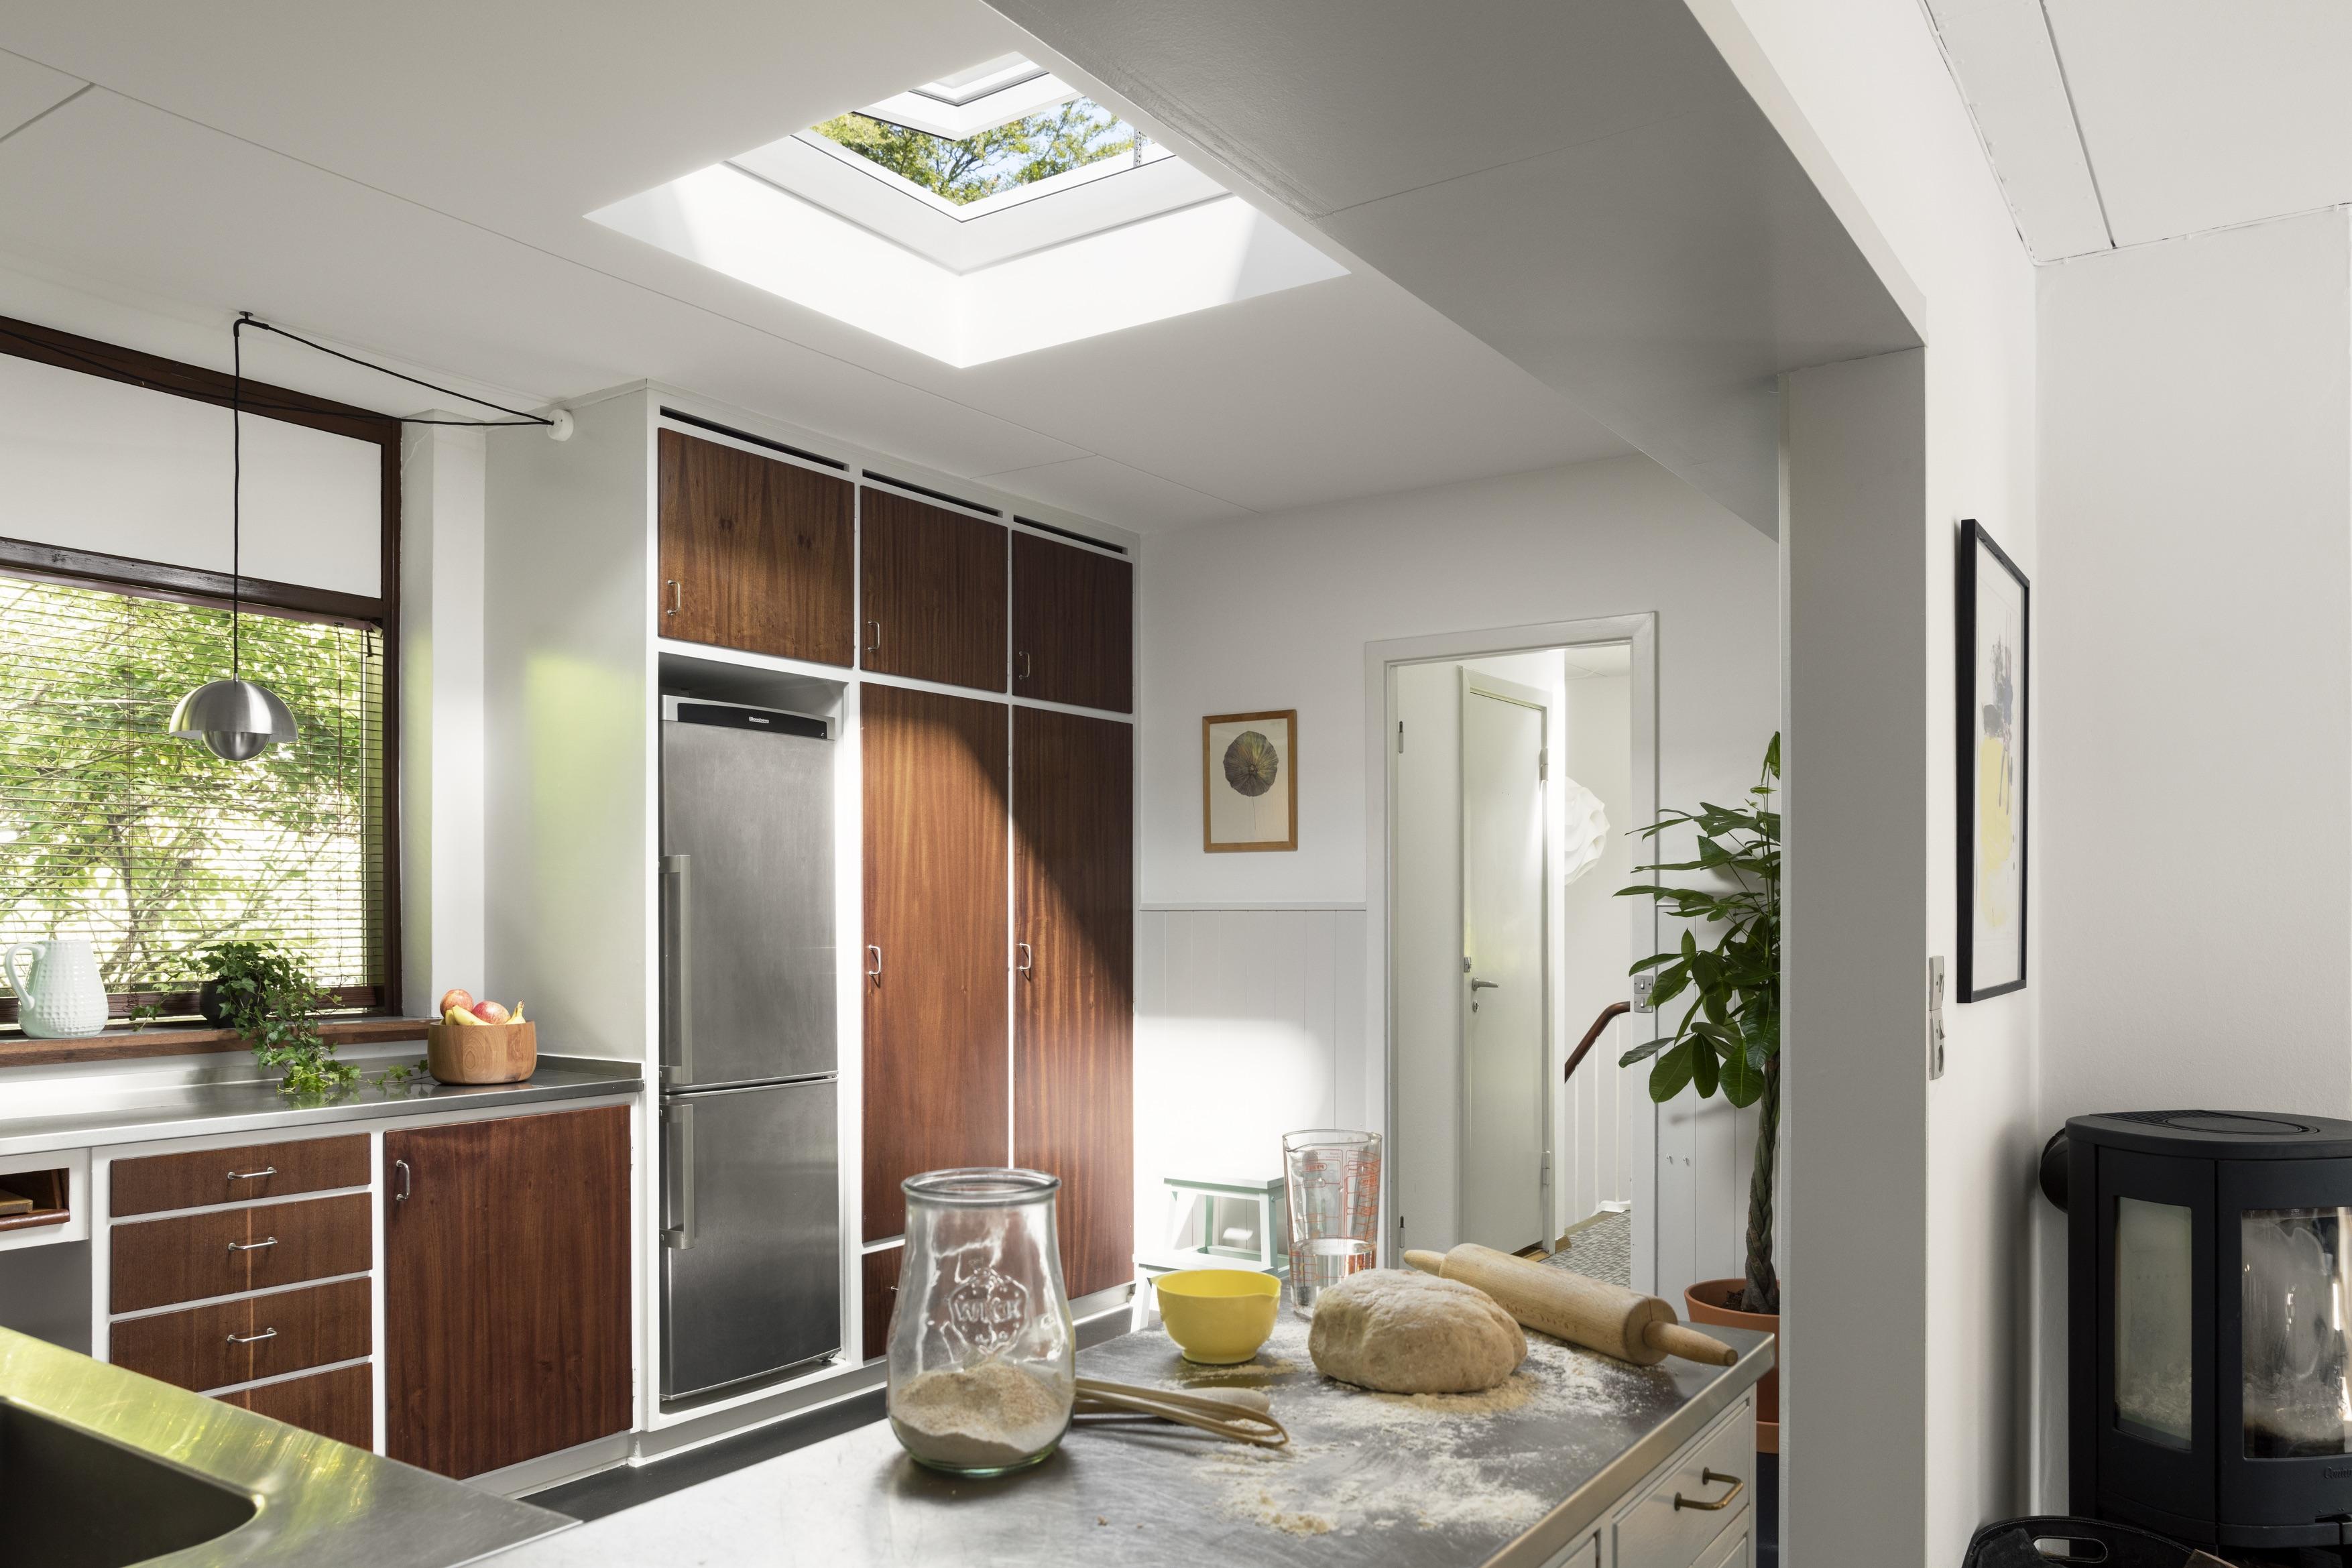 Cucina con finestra su tetto piano